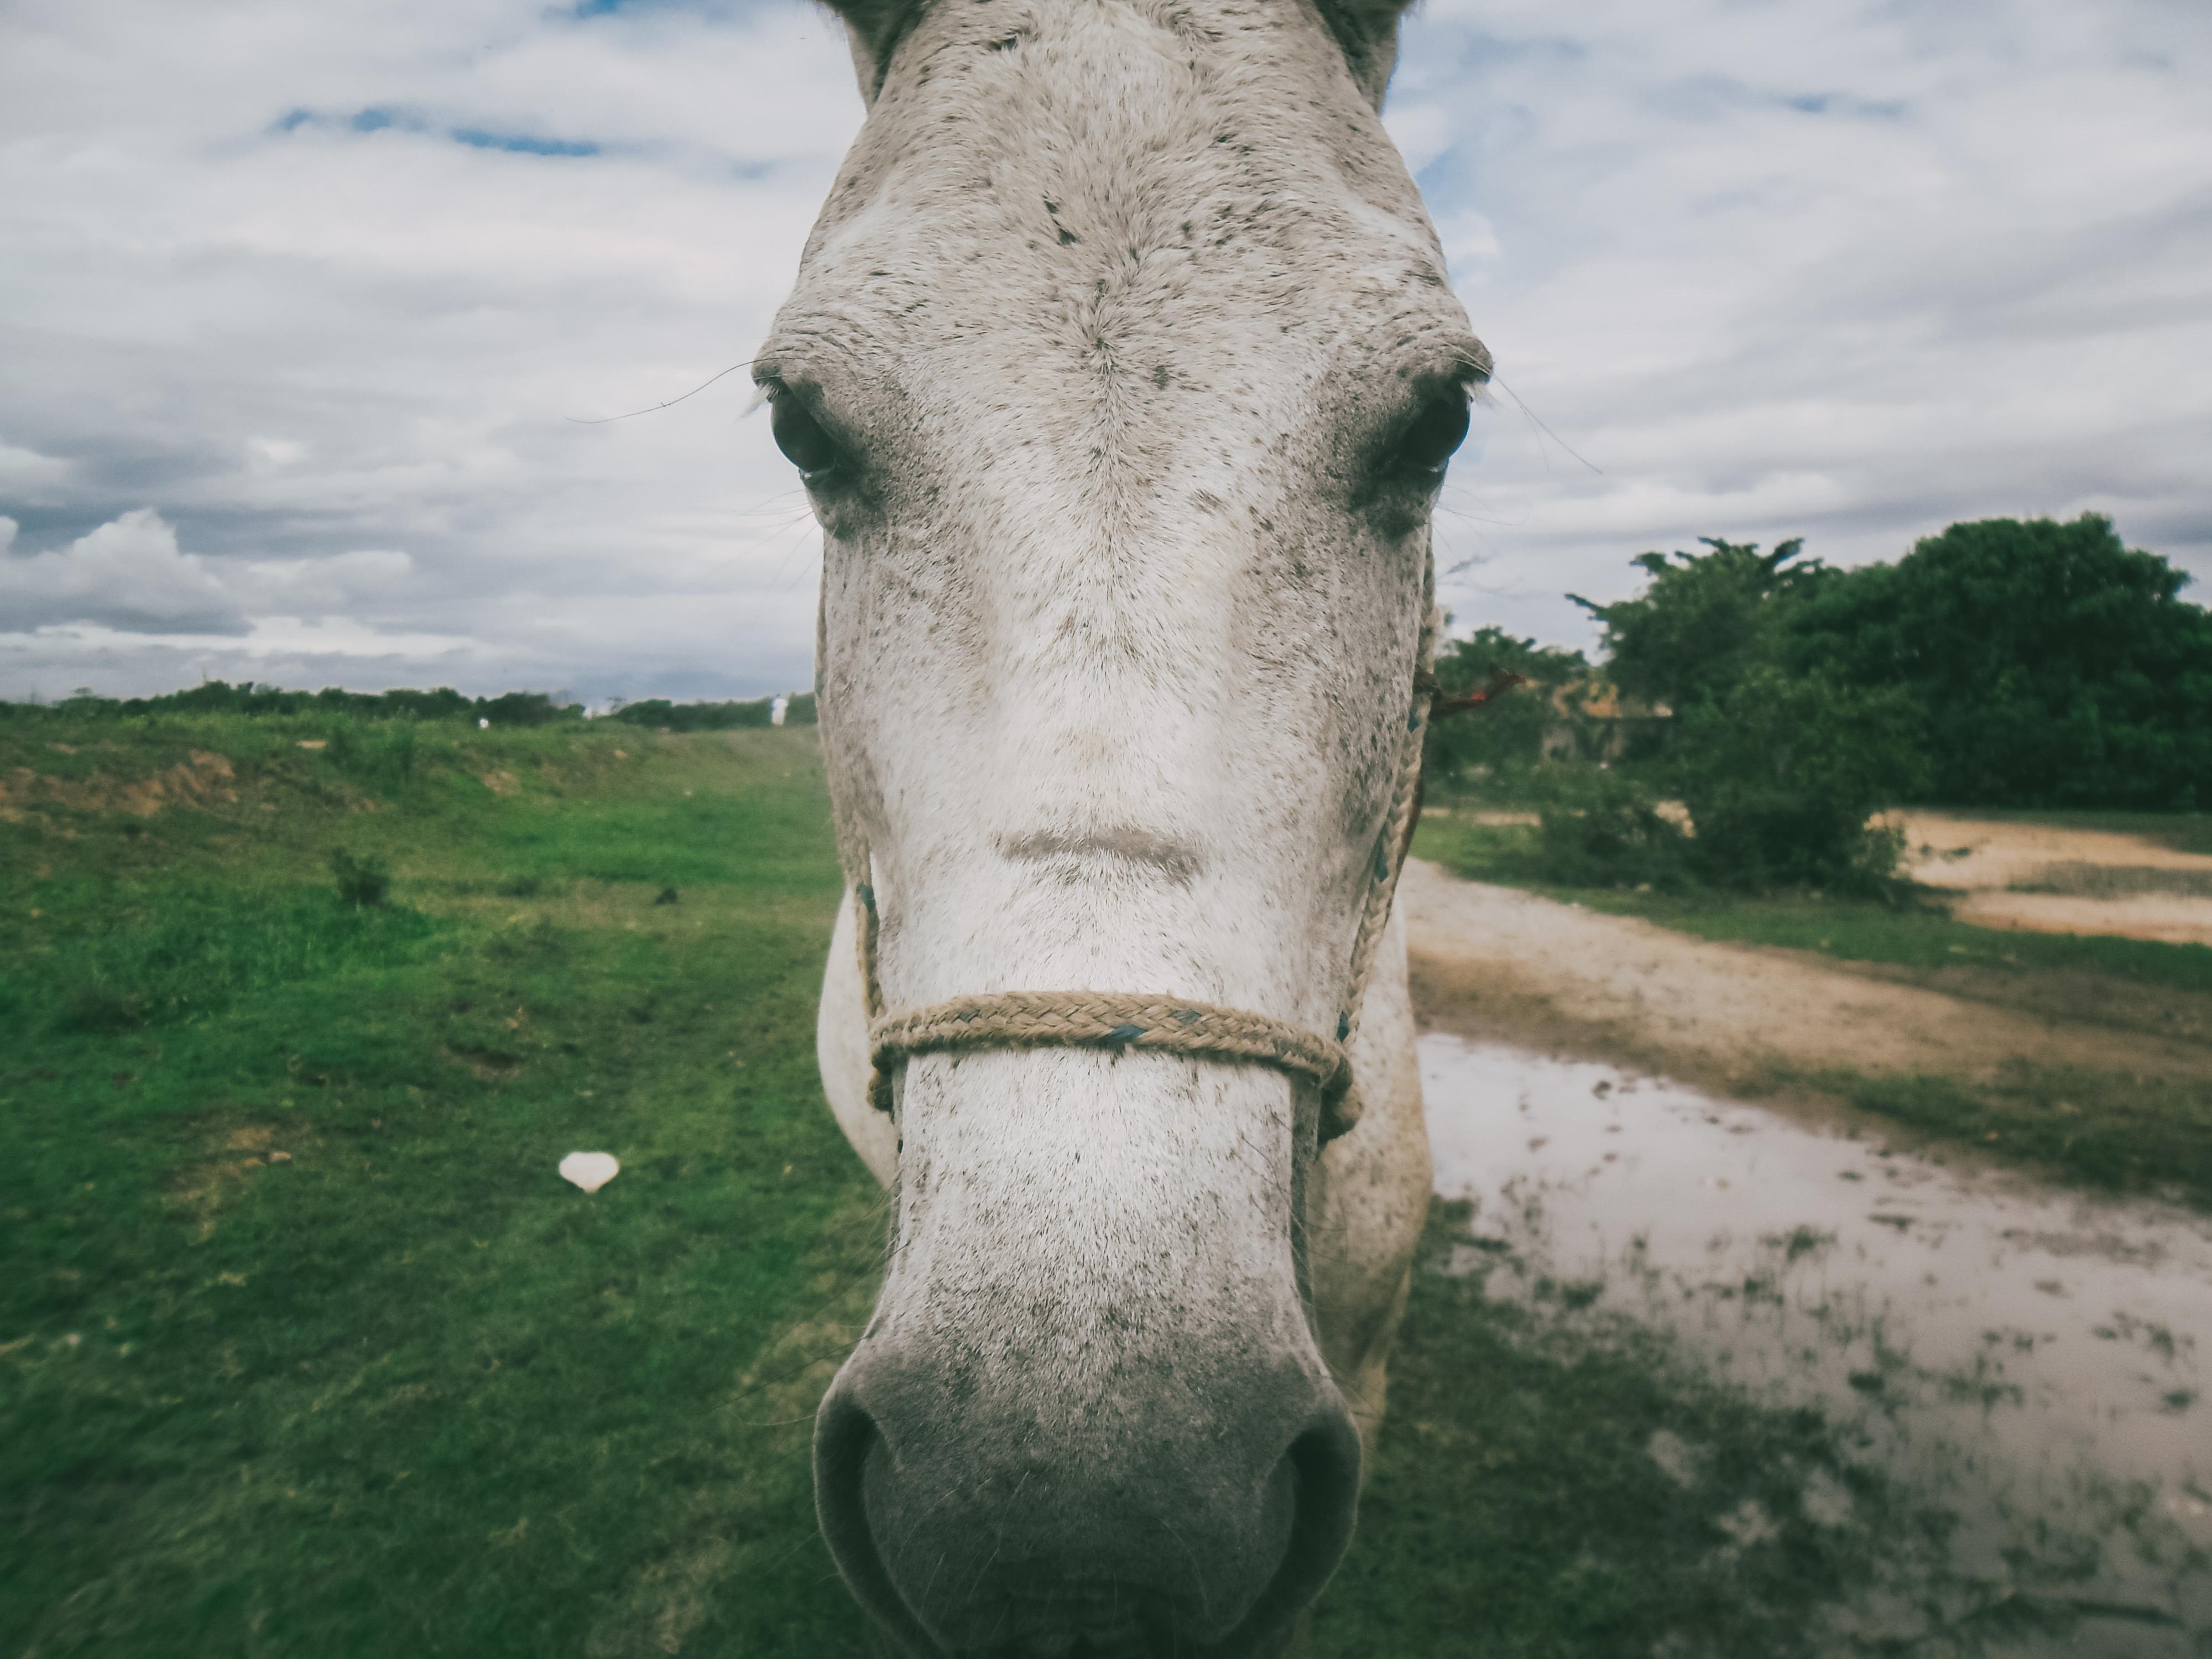 Foto: Cauã da Silva (10 anos)